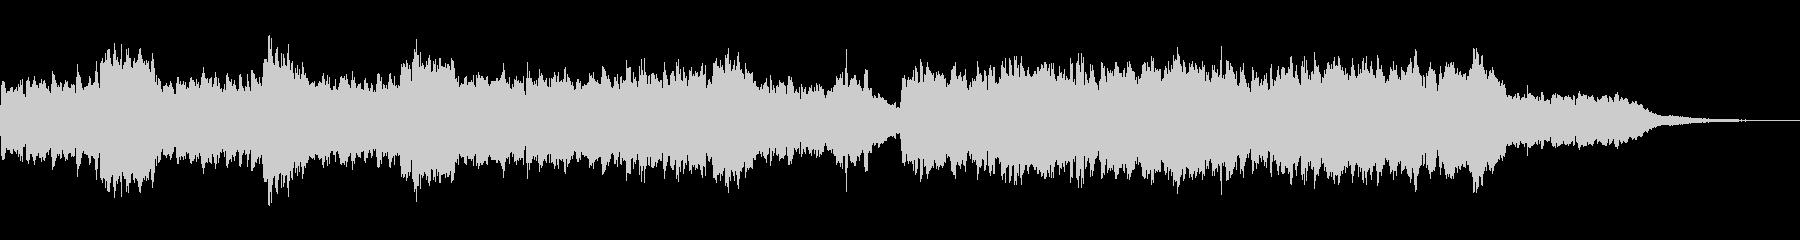 悲しい旋律の曲/フルート/ストリングスの未再生の波形